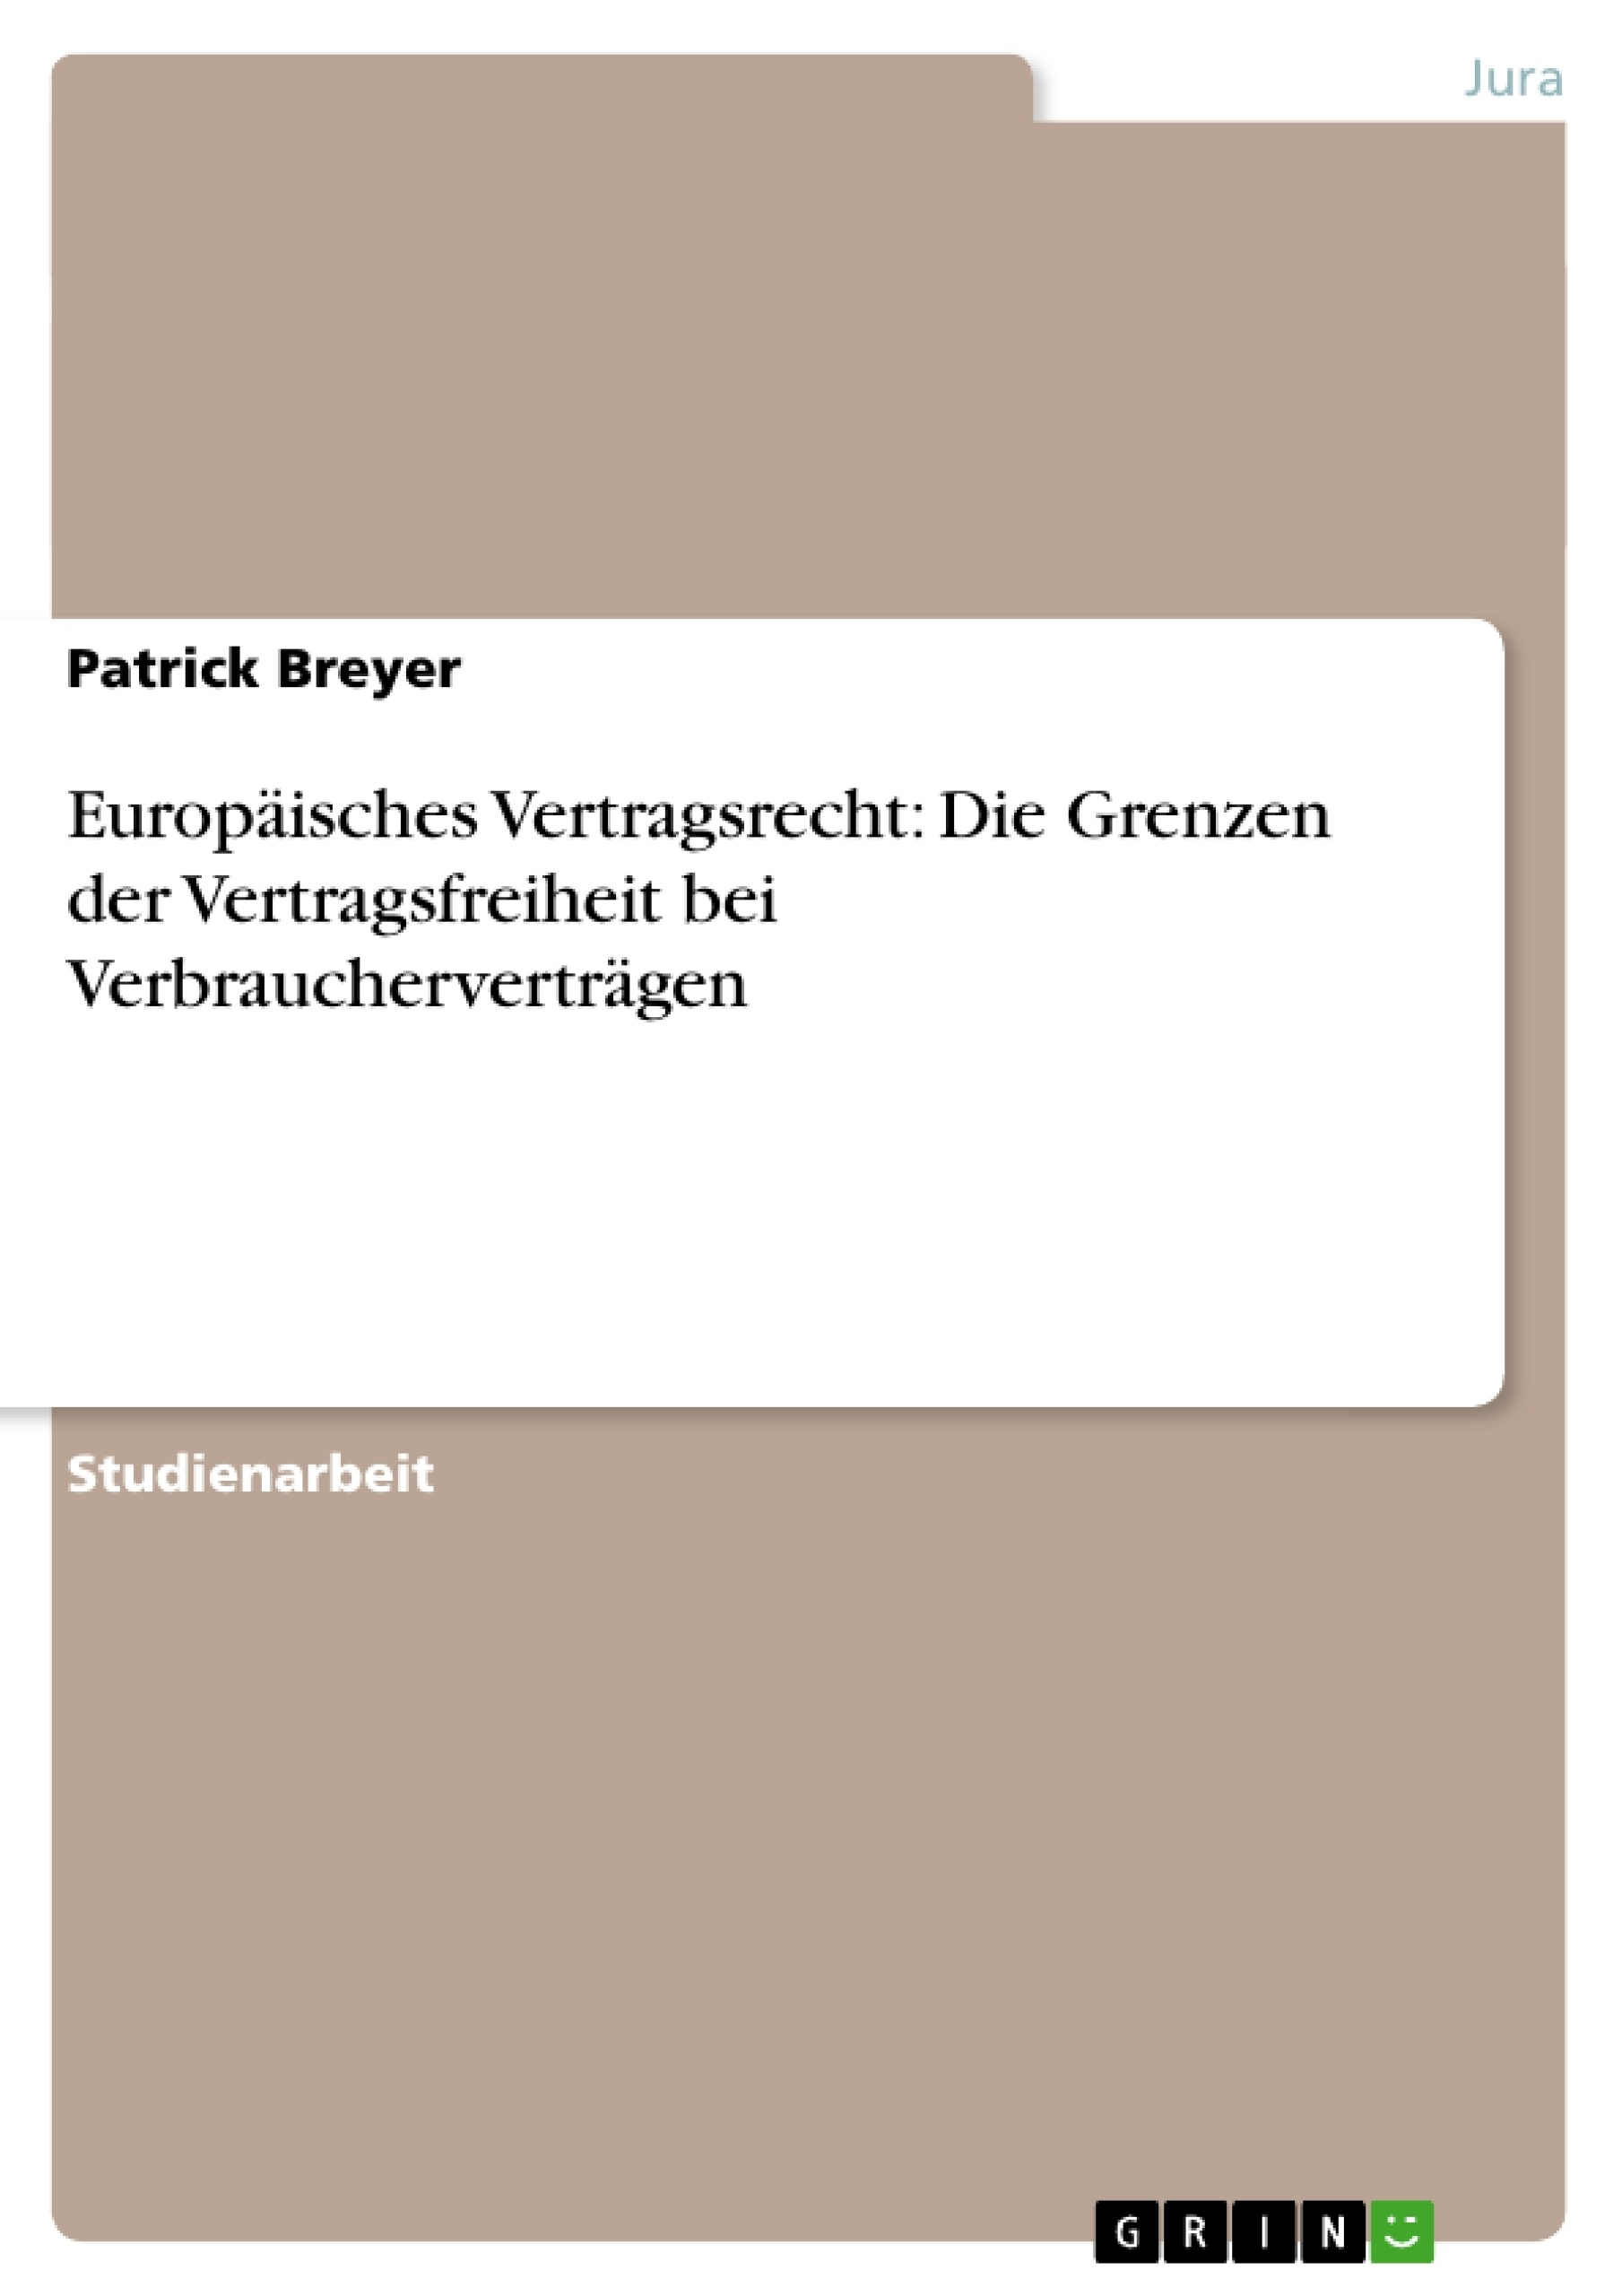 Titel: Europäisches Vertragsrecht: Die Grenzen der Vertragsfreiheit bei Verbraucherverträgen